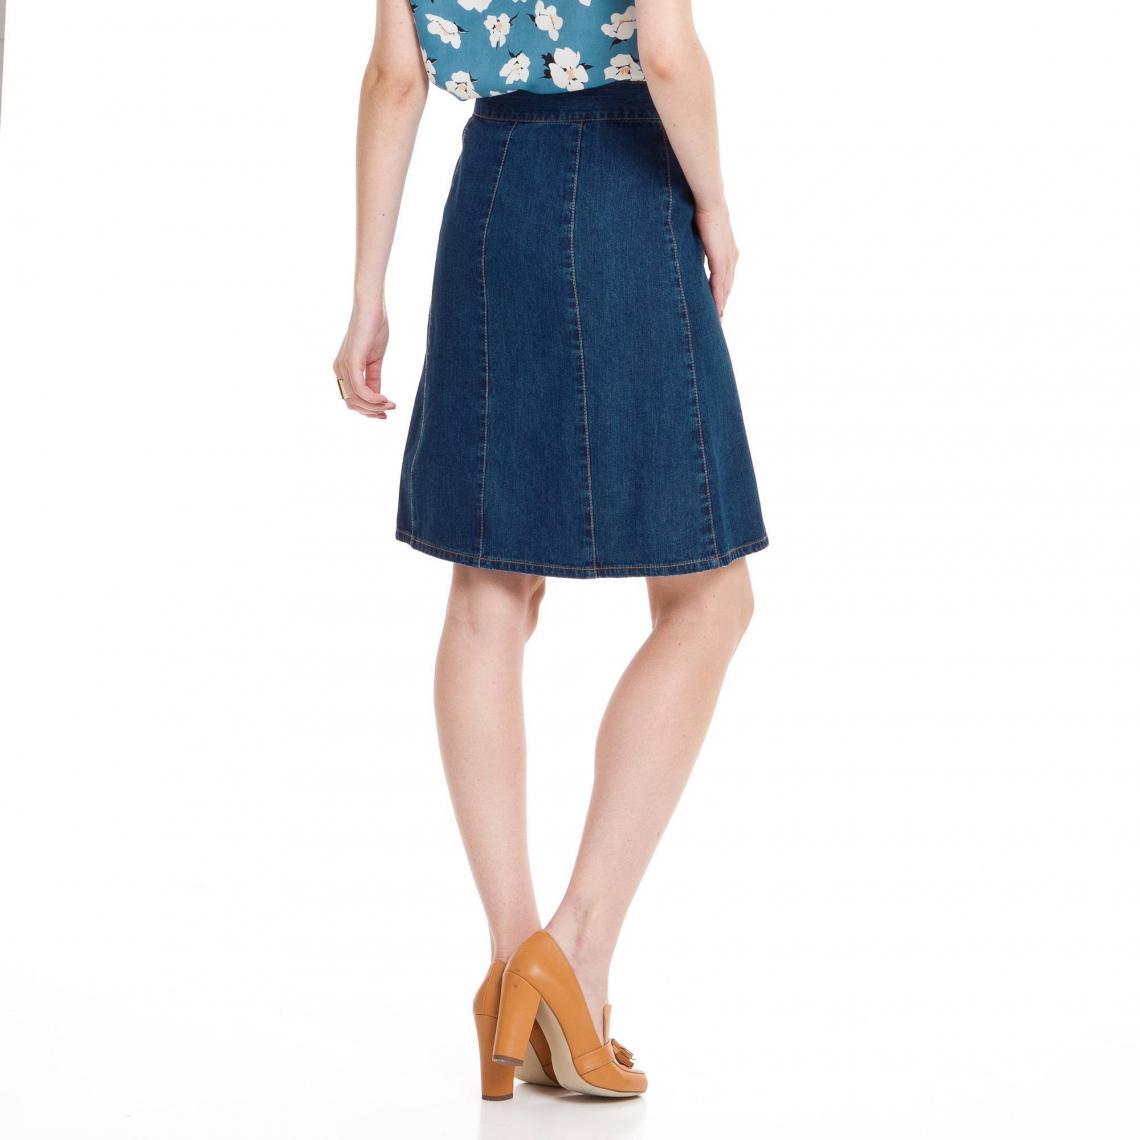 270c0e7150 Jupe en jean trapèze boutonnée denim femme - Bleu   3 SUISSES